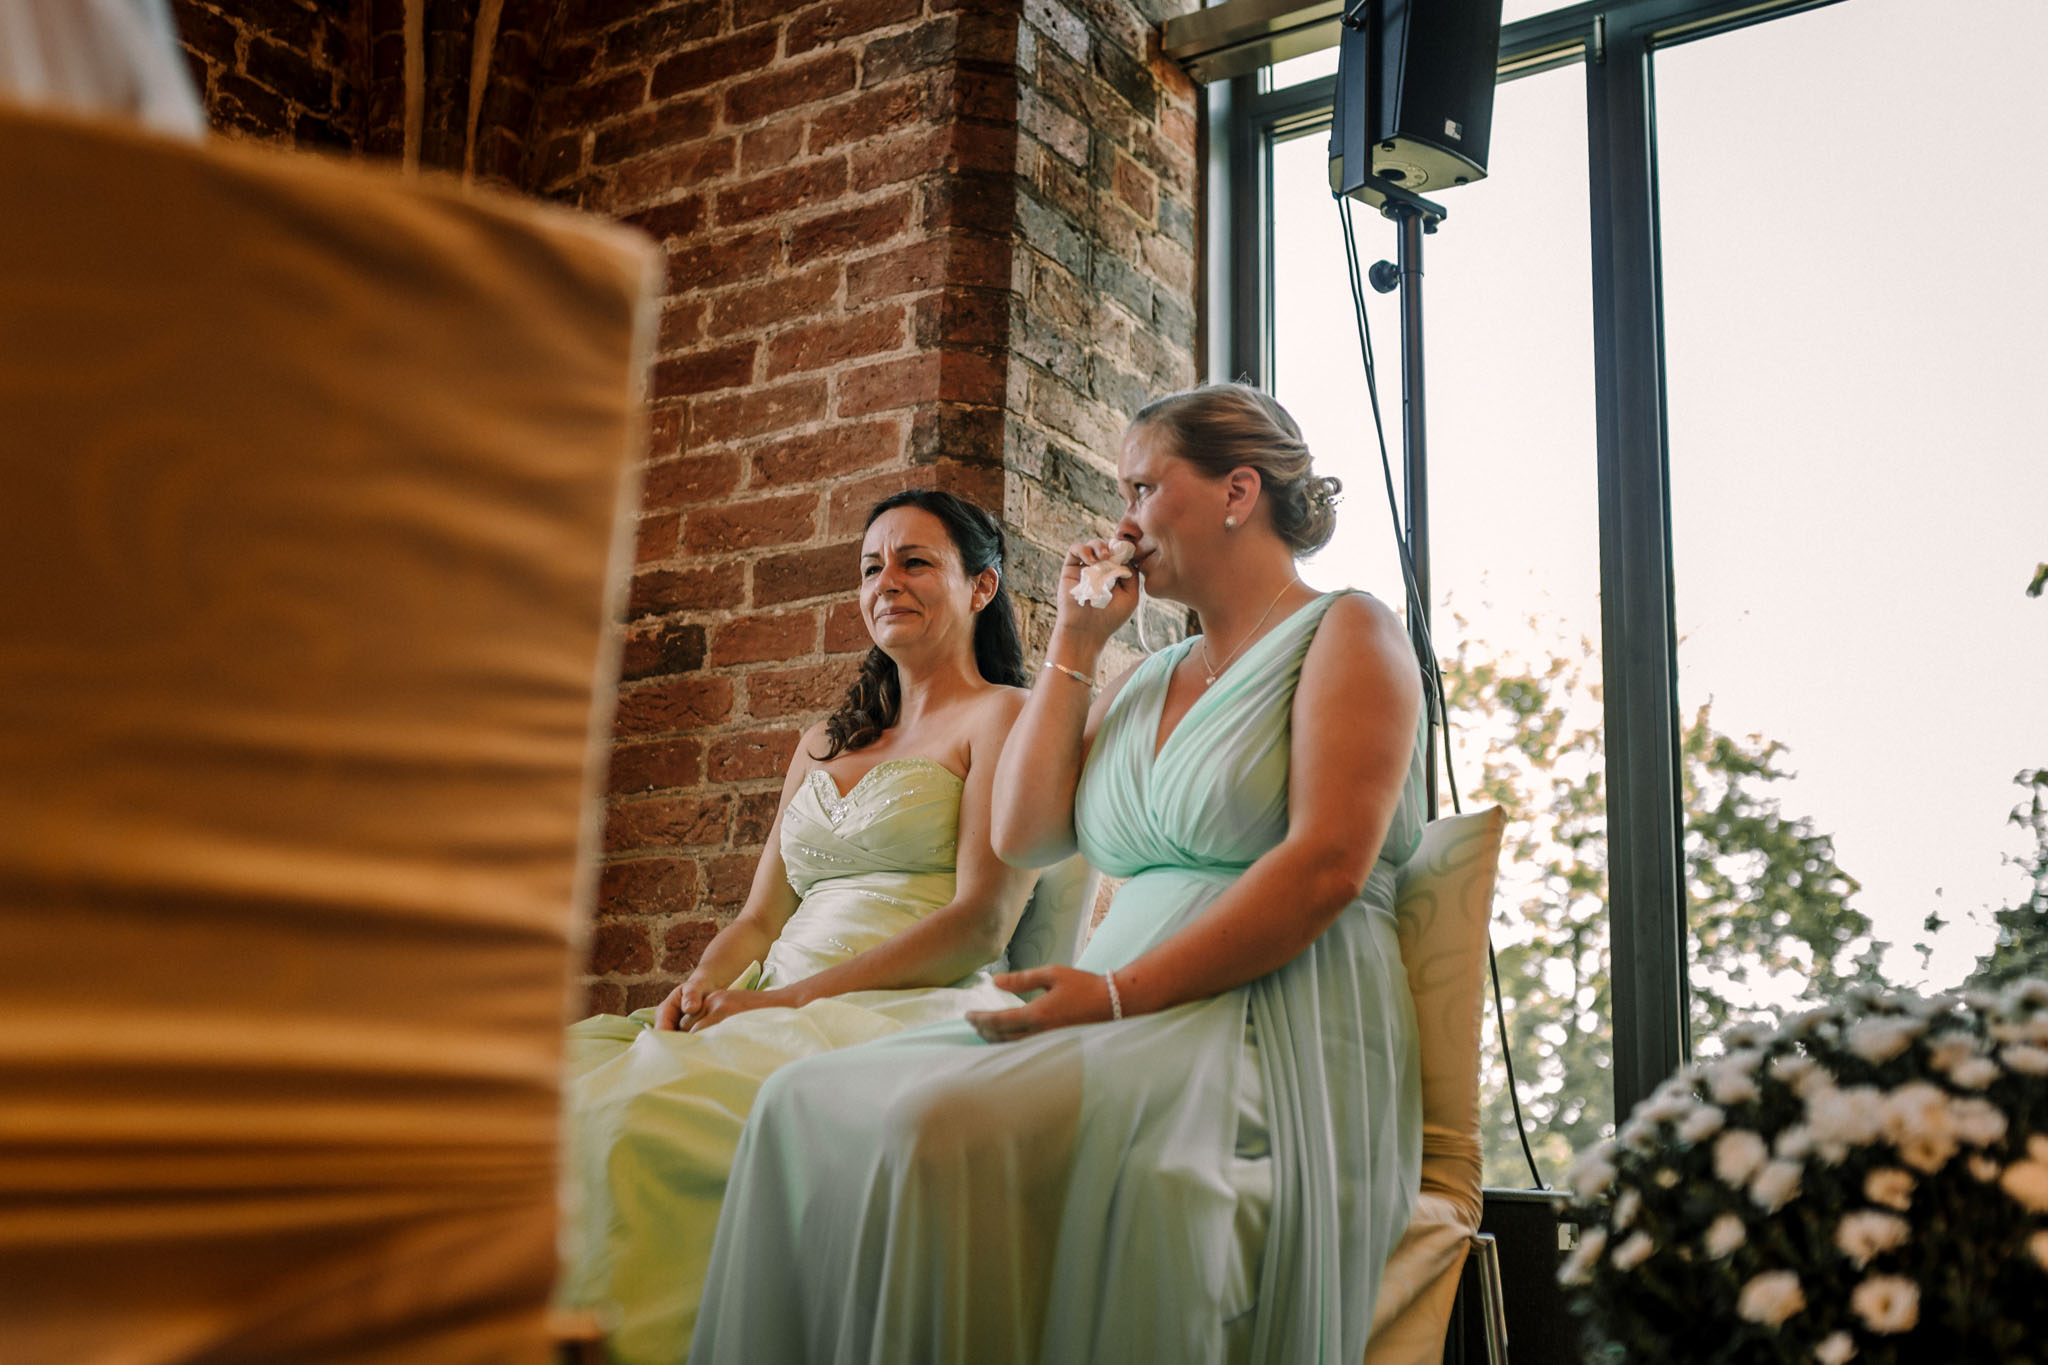 Hochzeitsfieber by Photo-Schomburg, Hochzeitsfotograf, Hamburg,Hochzeitstag, Hochzeitspaar, Braut, Bräutigam, Literaturhauscafe Zarrentin-30